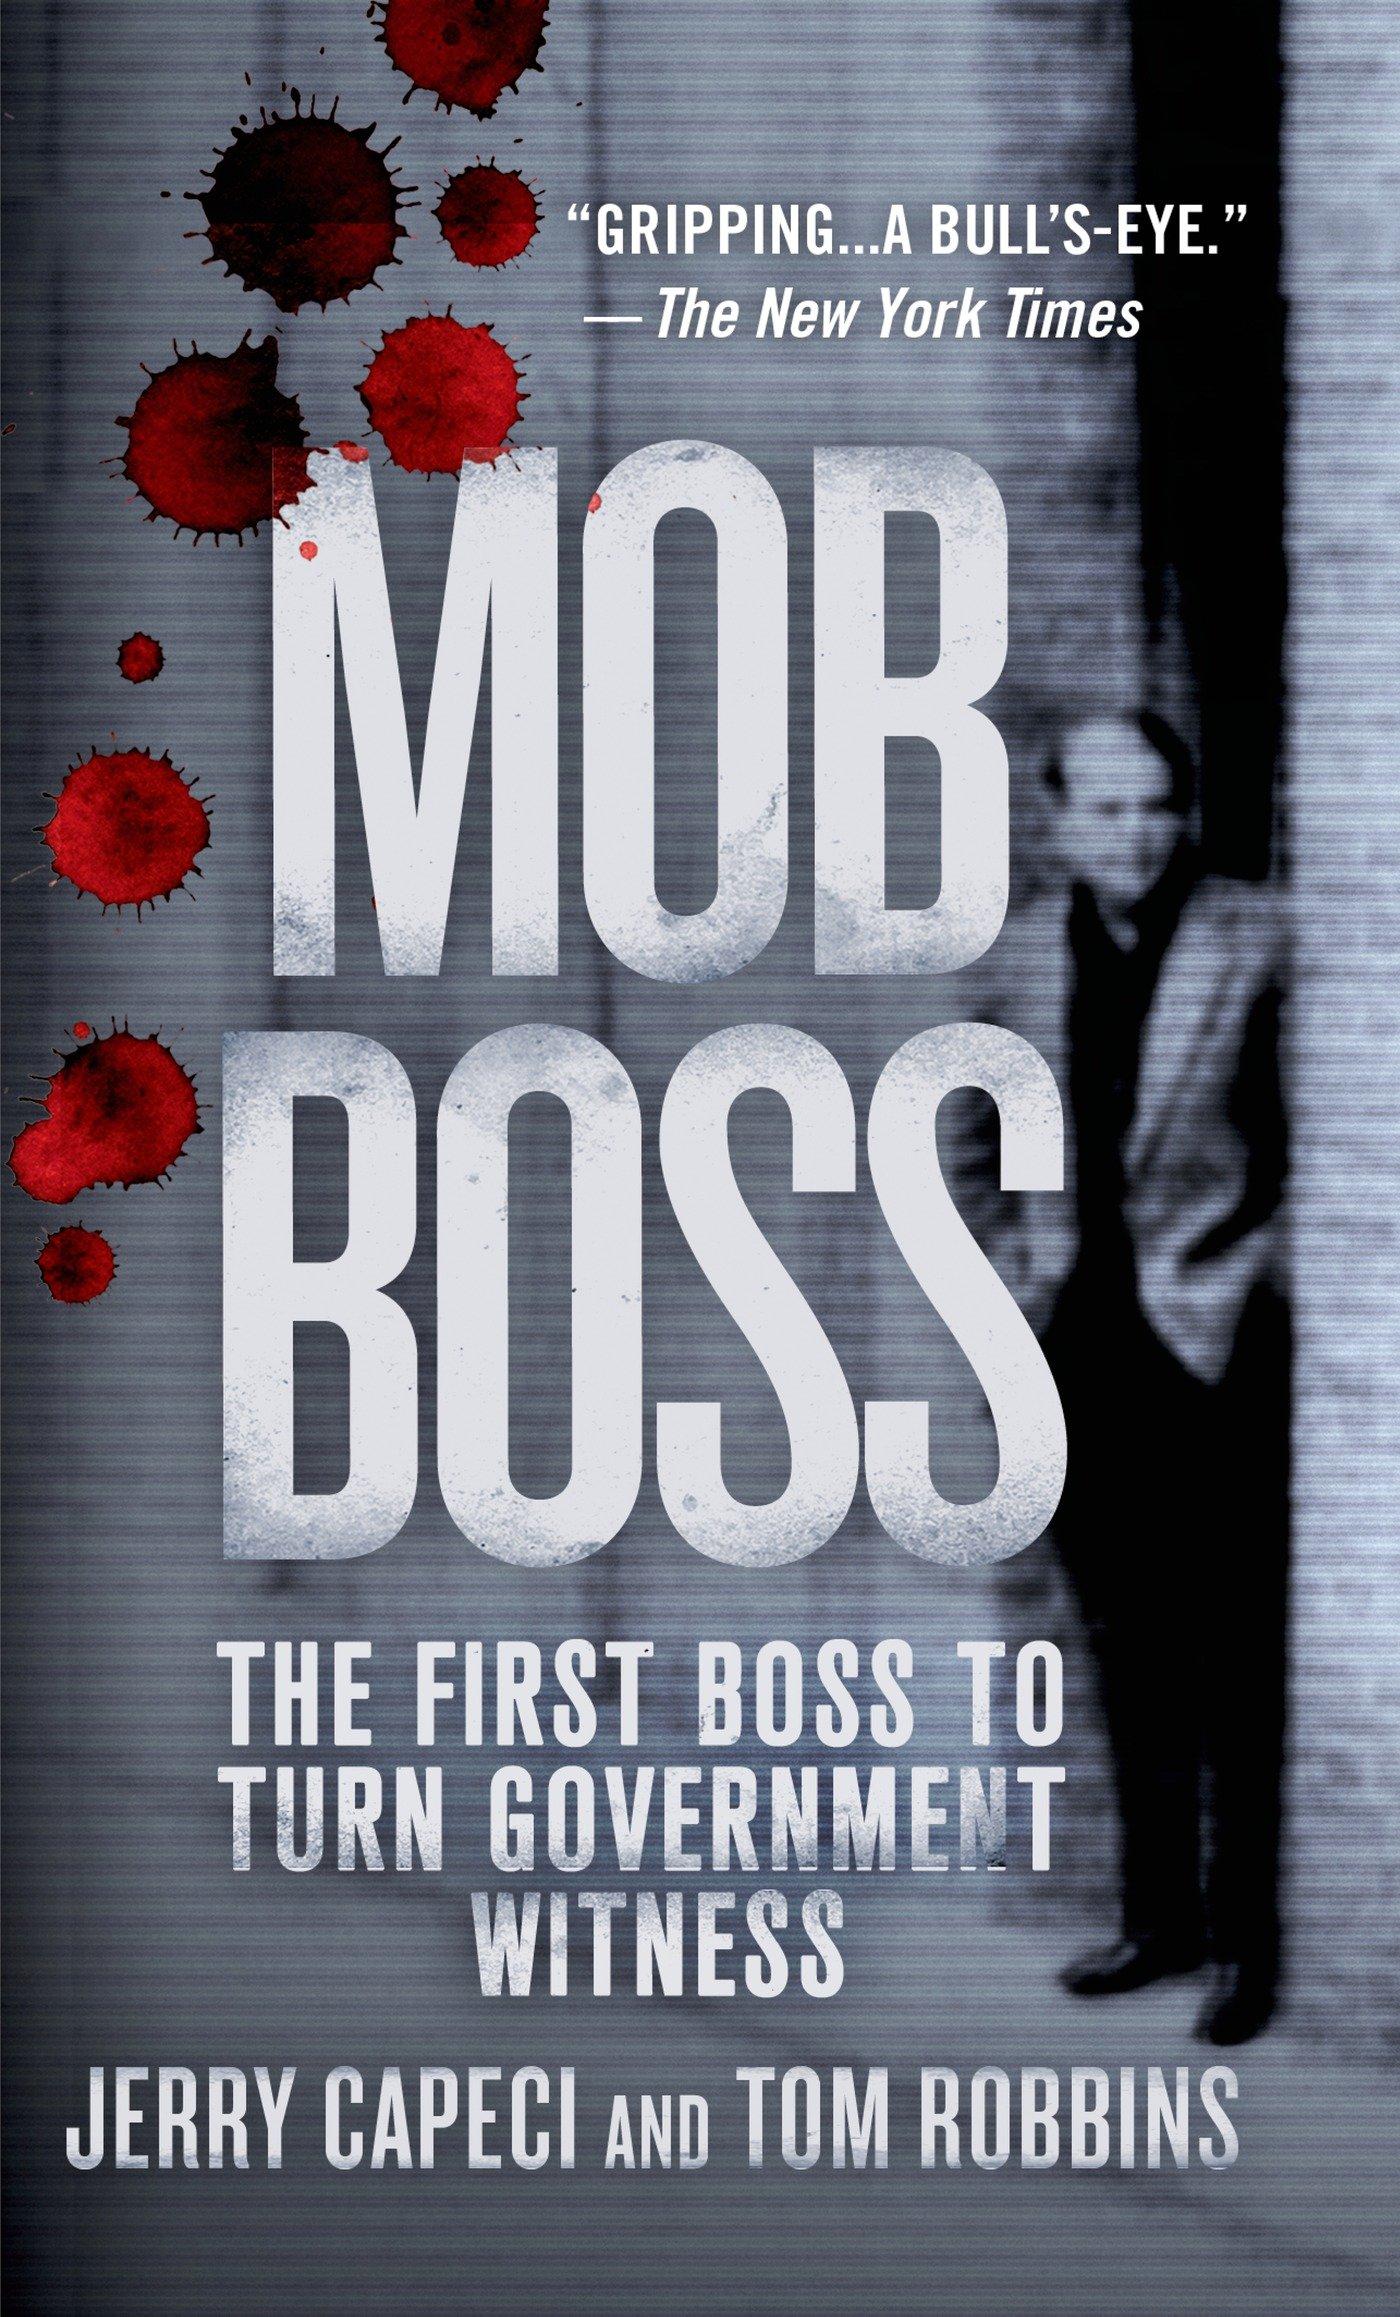 Serving the boss scene 3